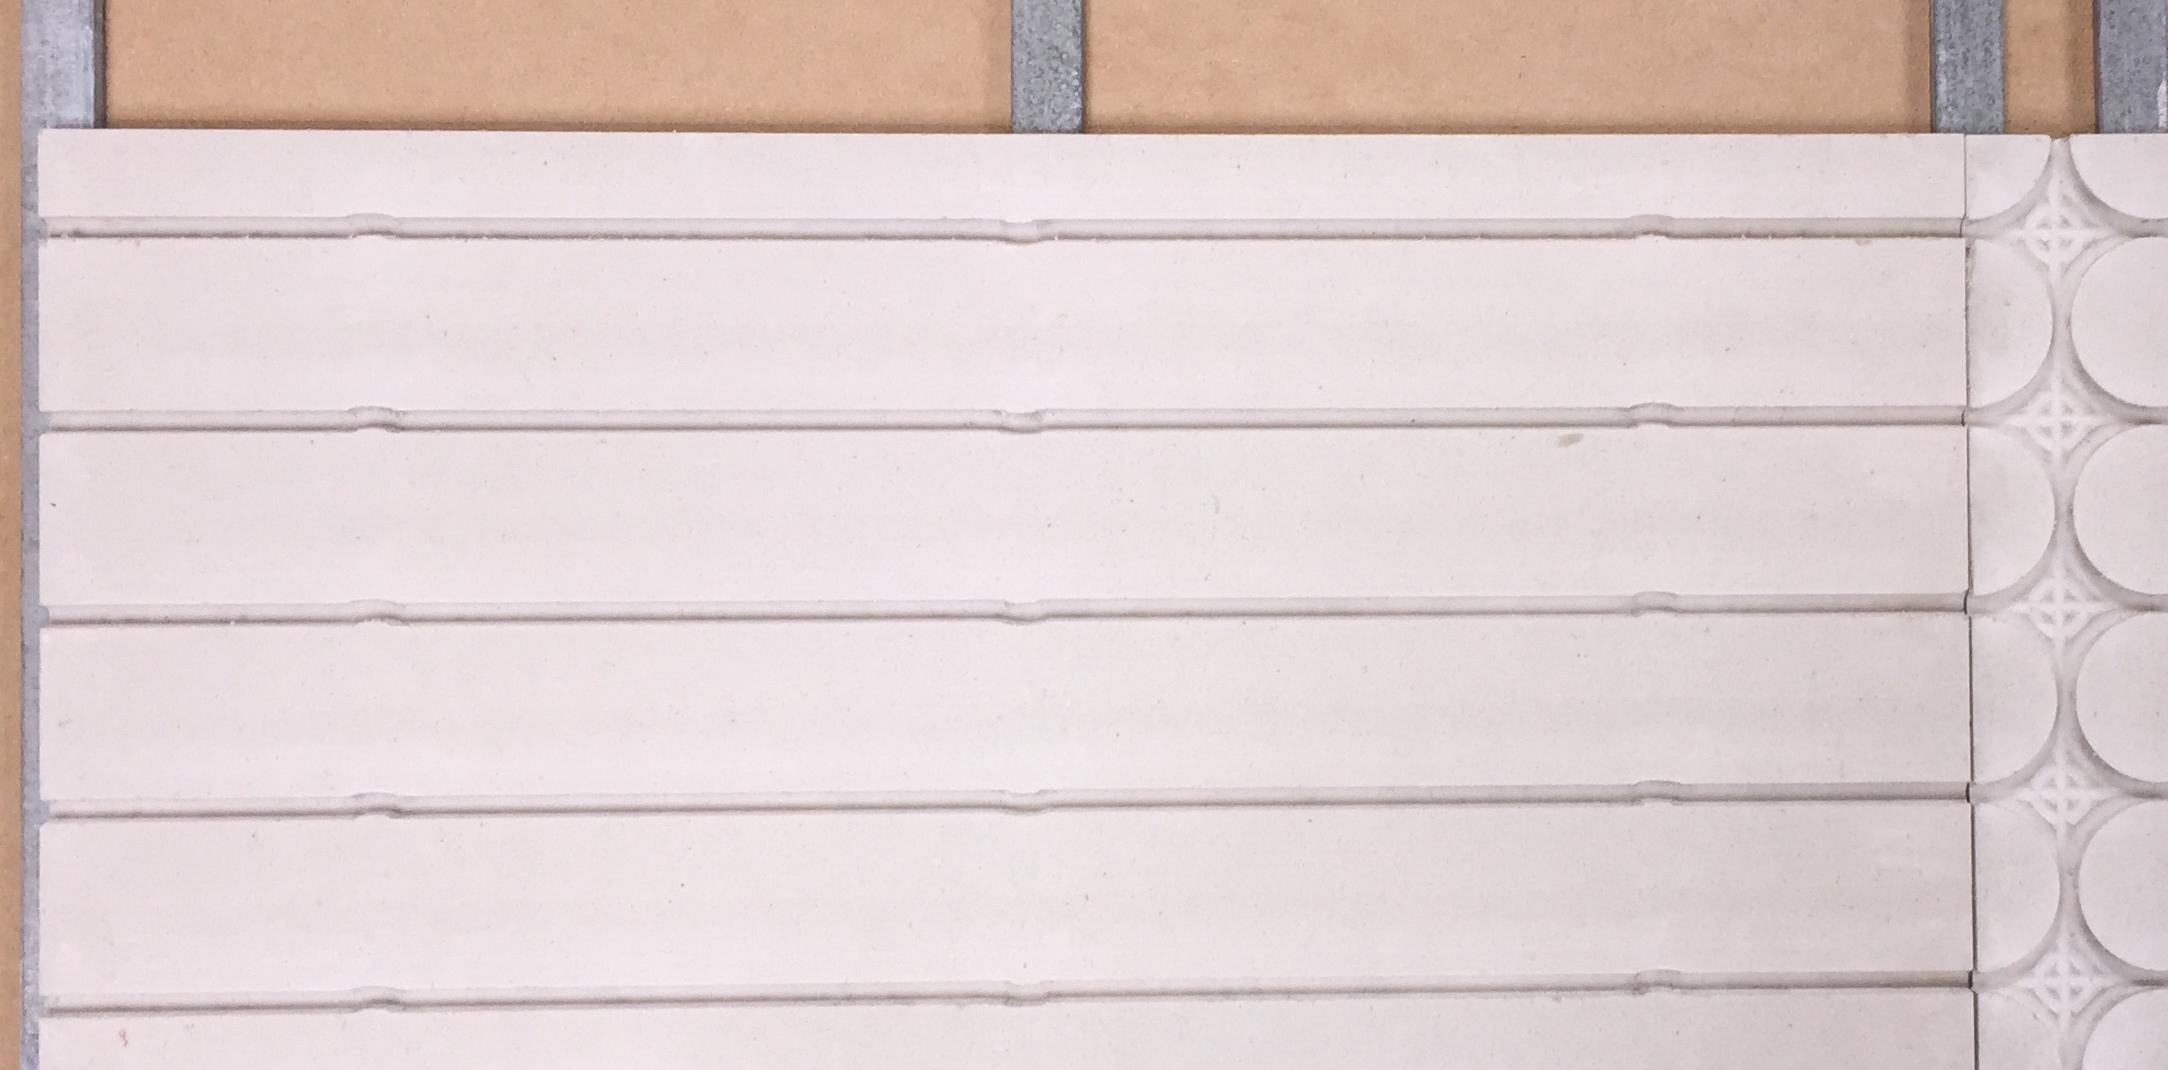 Les matériaux pour la rénovation de mur